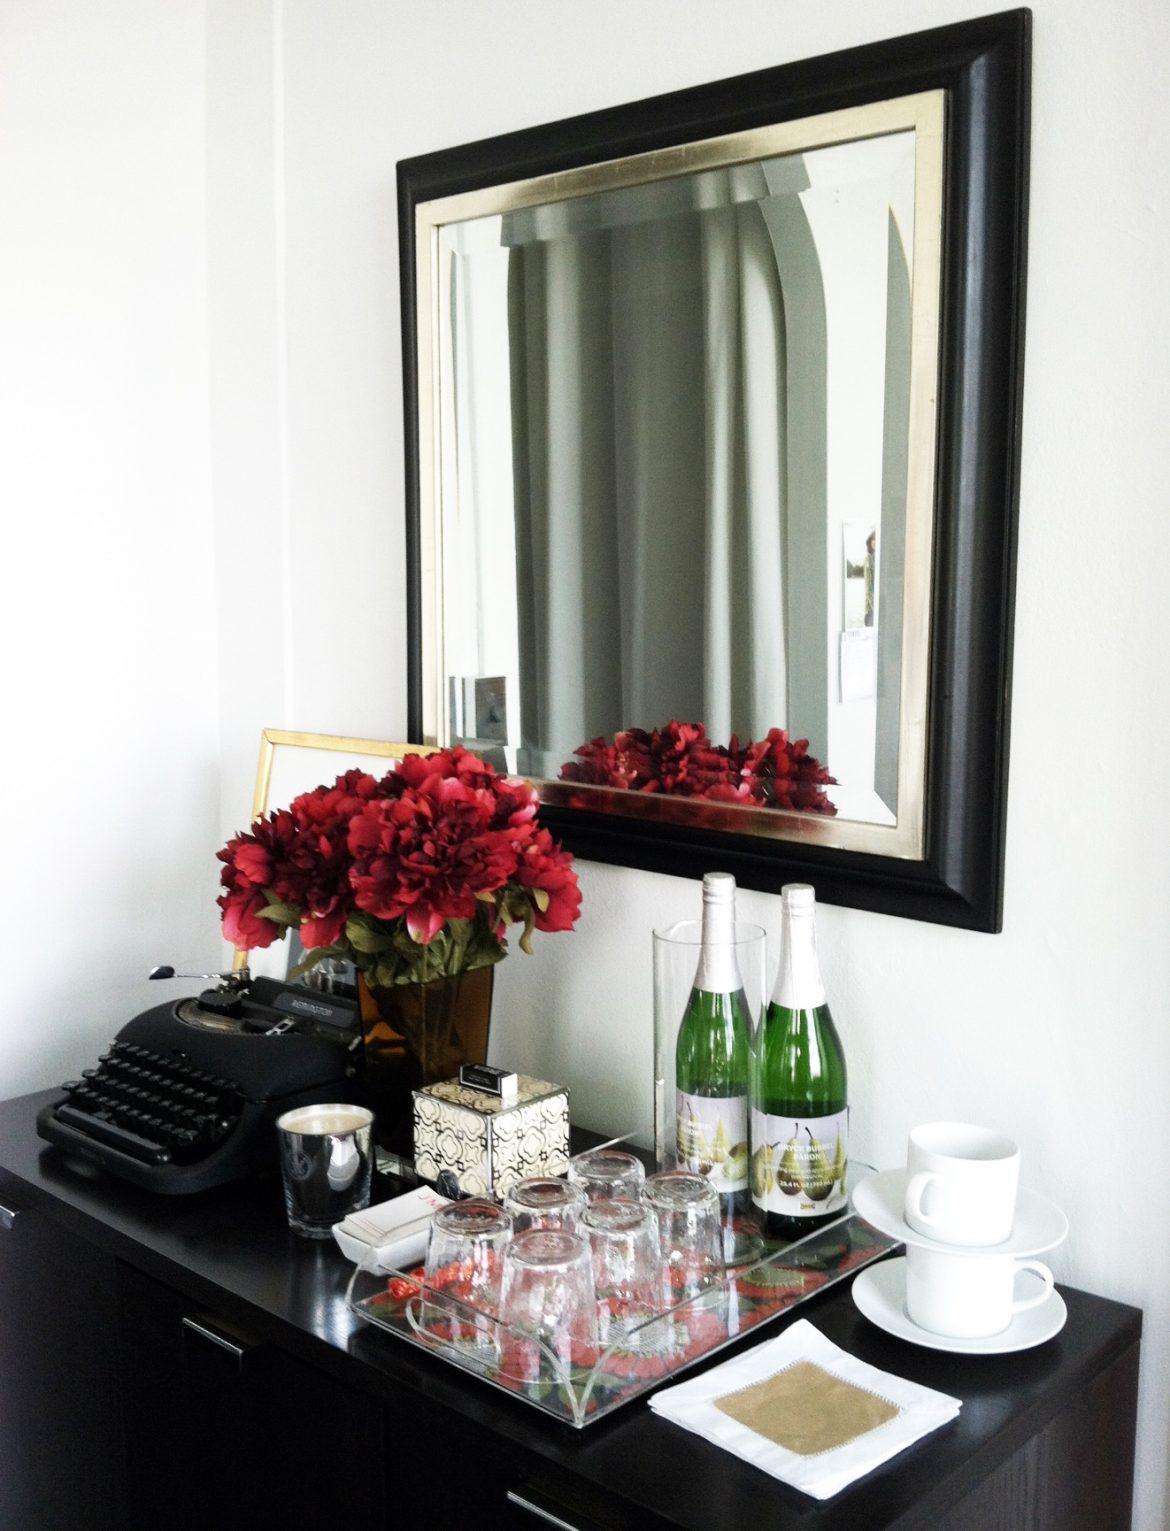 joy moyler Joy Moyler: 10 Best Interior Design Projects Joy Moyler 10 Best Interior Design Projects 6